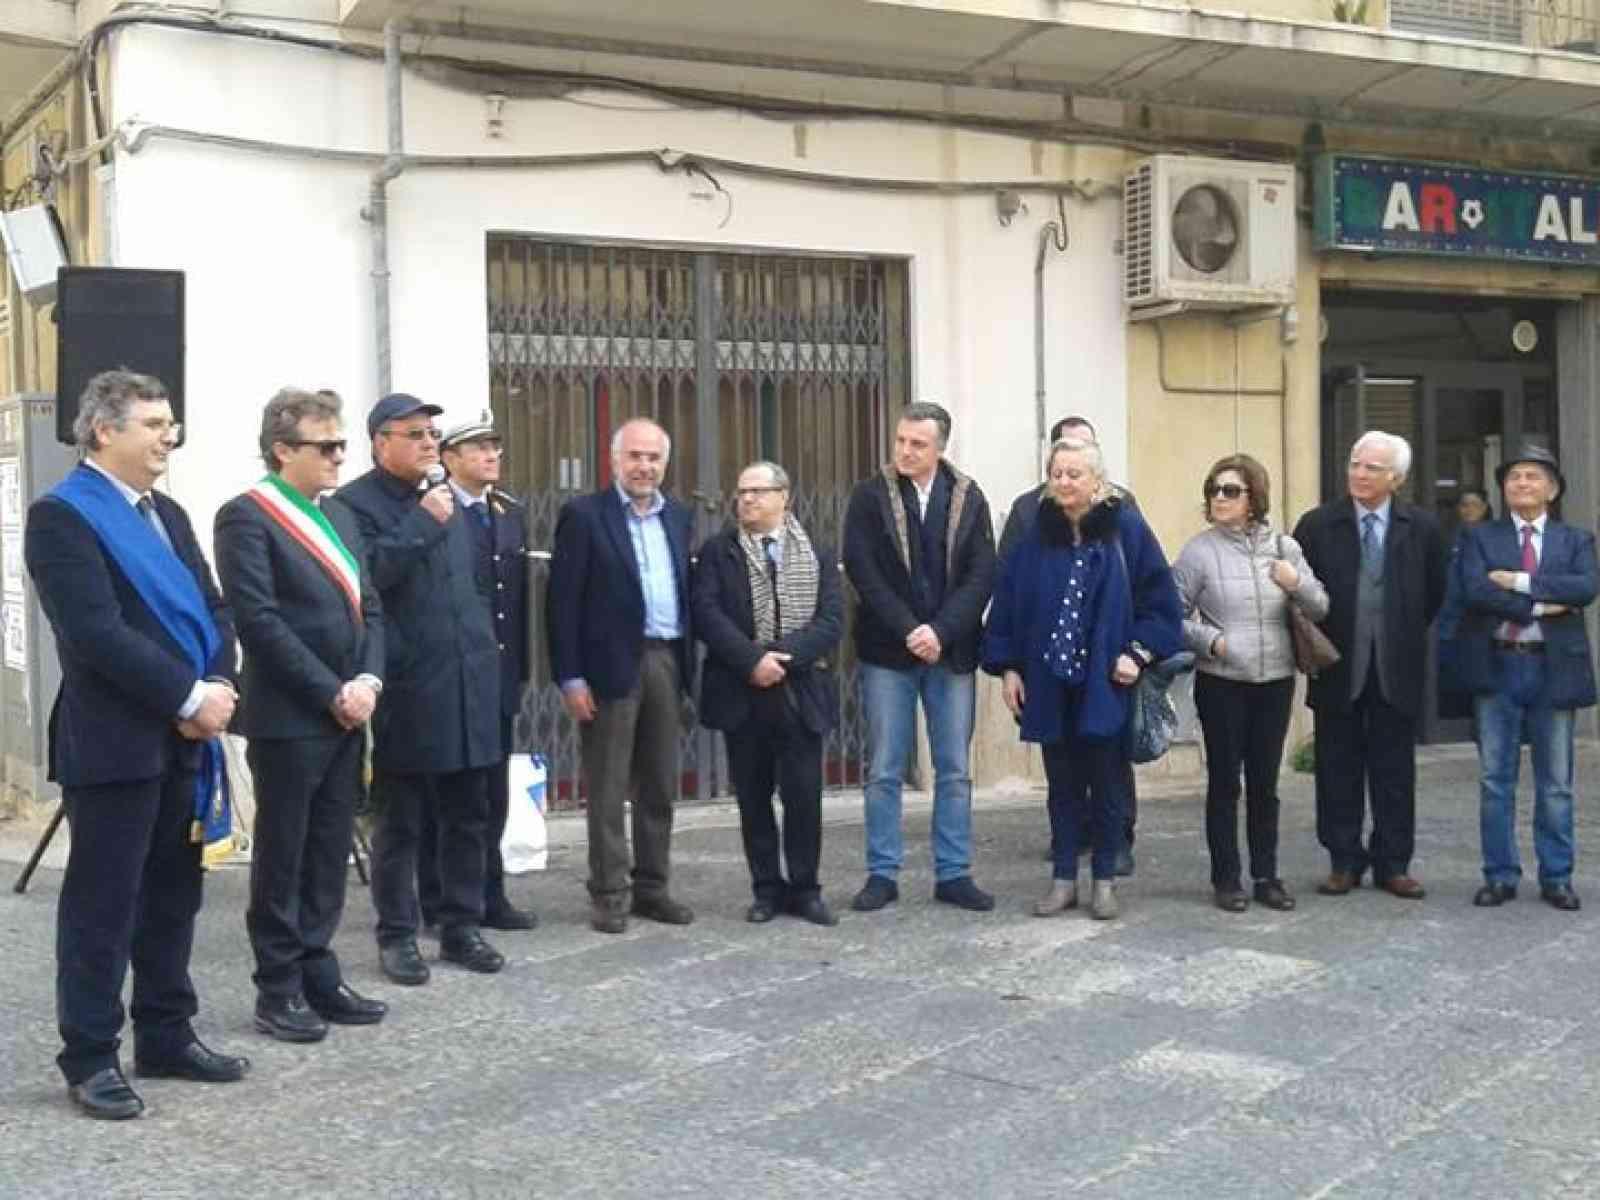 Largo Luigi Veronelli. La città di Castelvetrano dedica una spazio cittadino al noto enogastronomo.